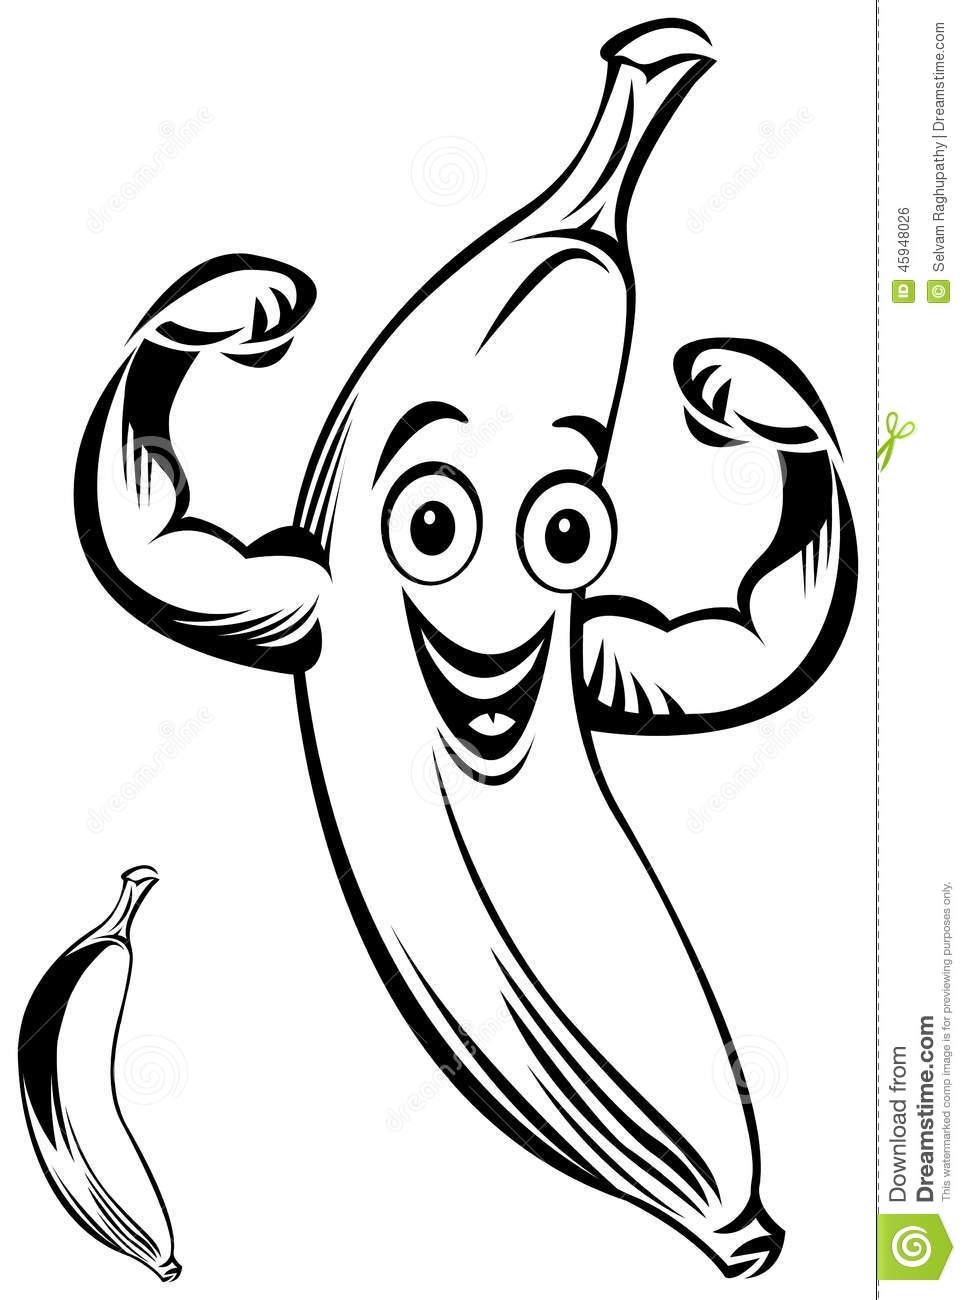 966x1300 Drawn Banana Bannana